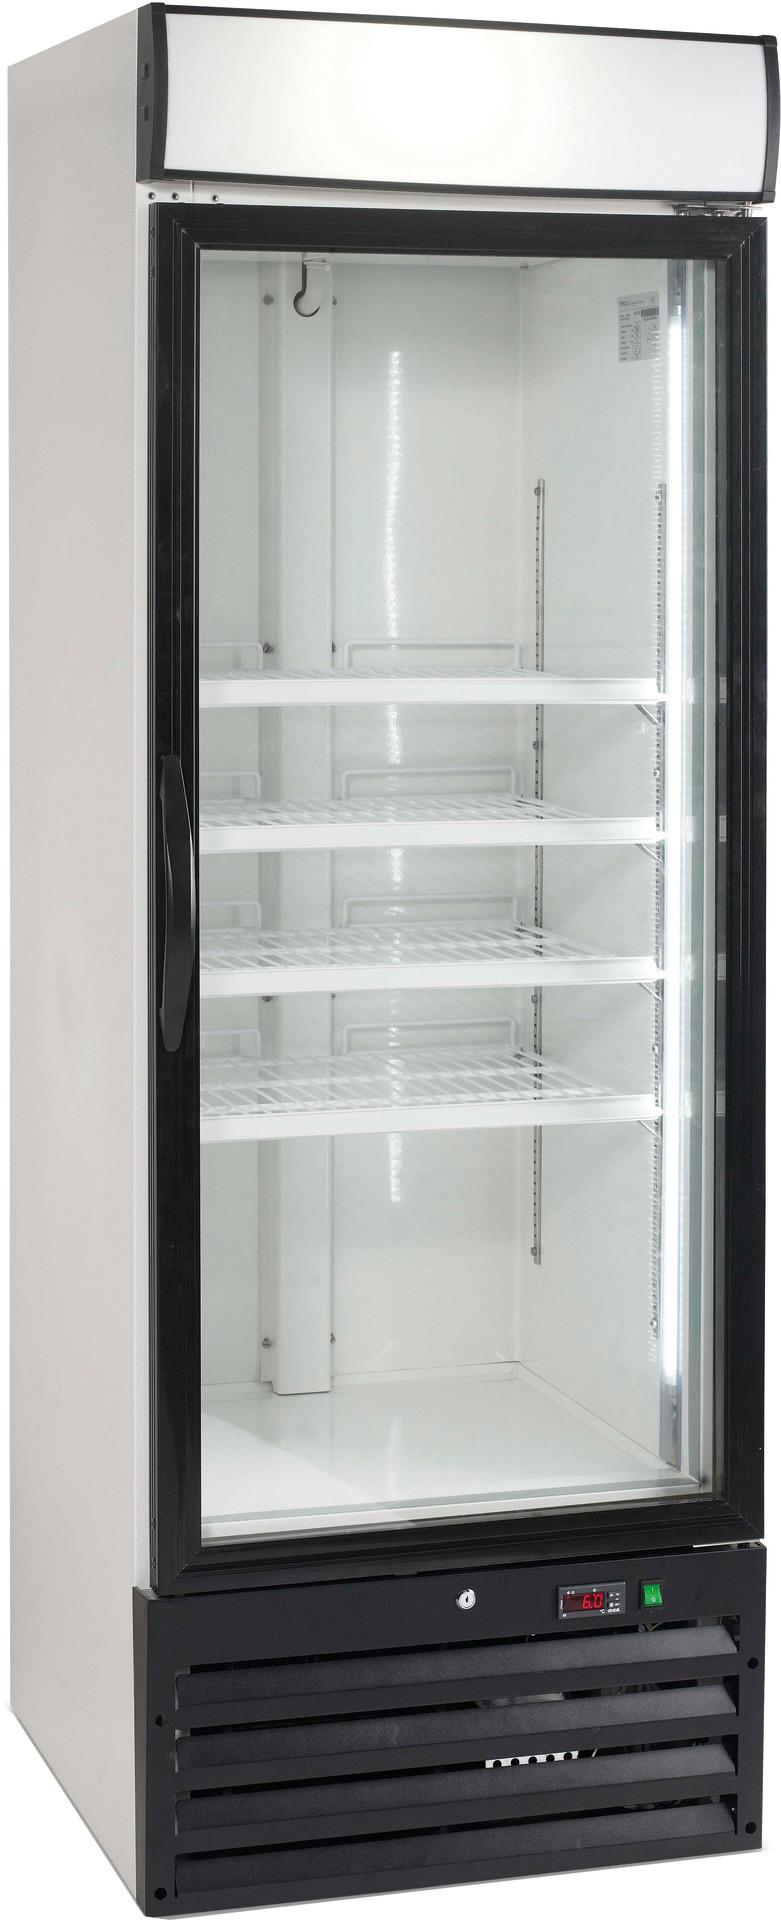 Umluft-Glastürtiefkühlschrank 444,00 l  / mit beleuchtetem Werbe-Display